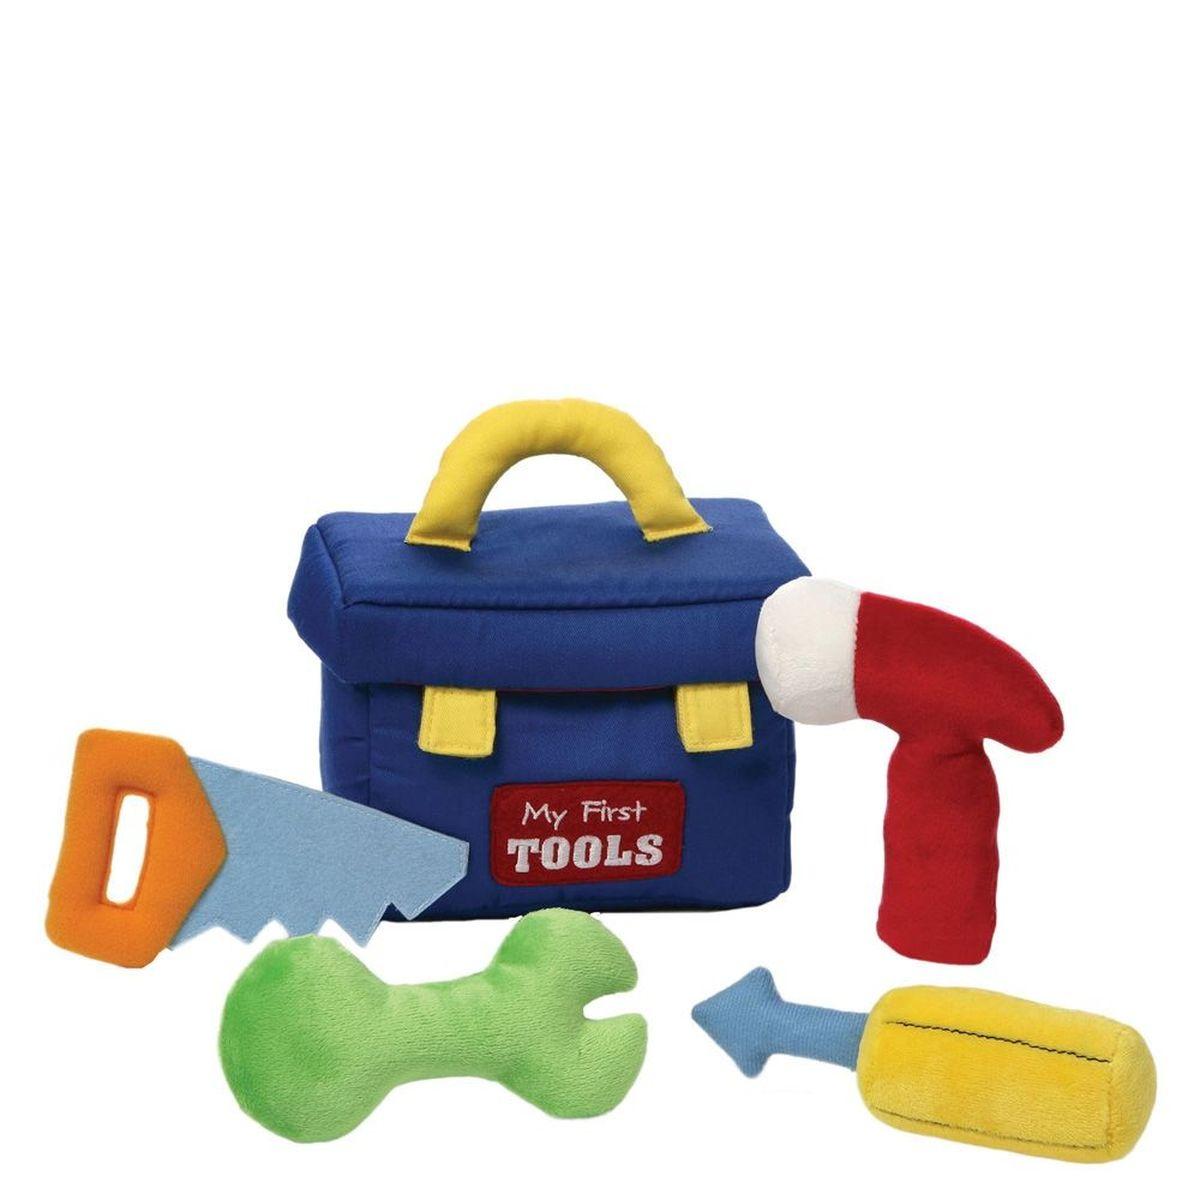 Gund Игровой набор для малышей мягкий My First Toolbox 19 см